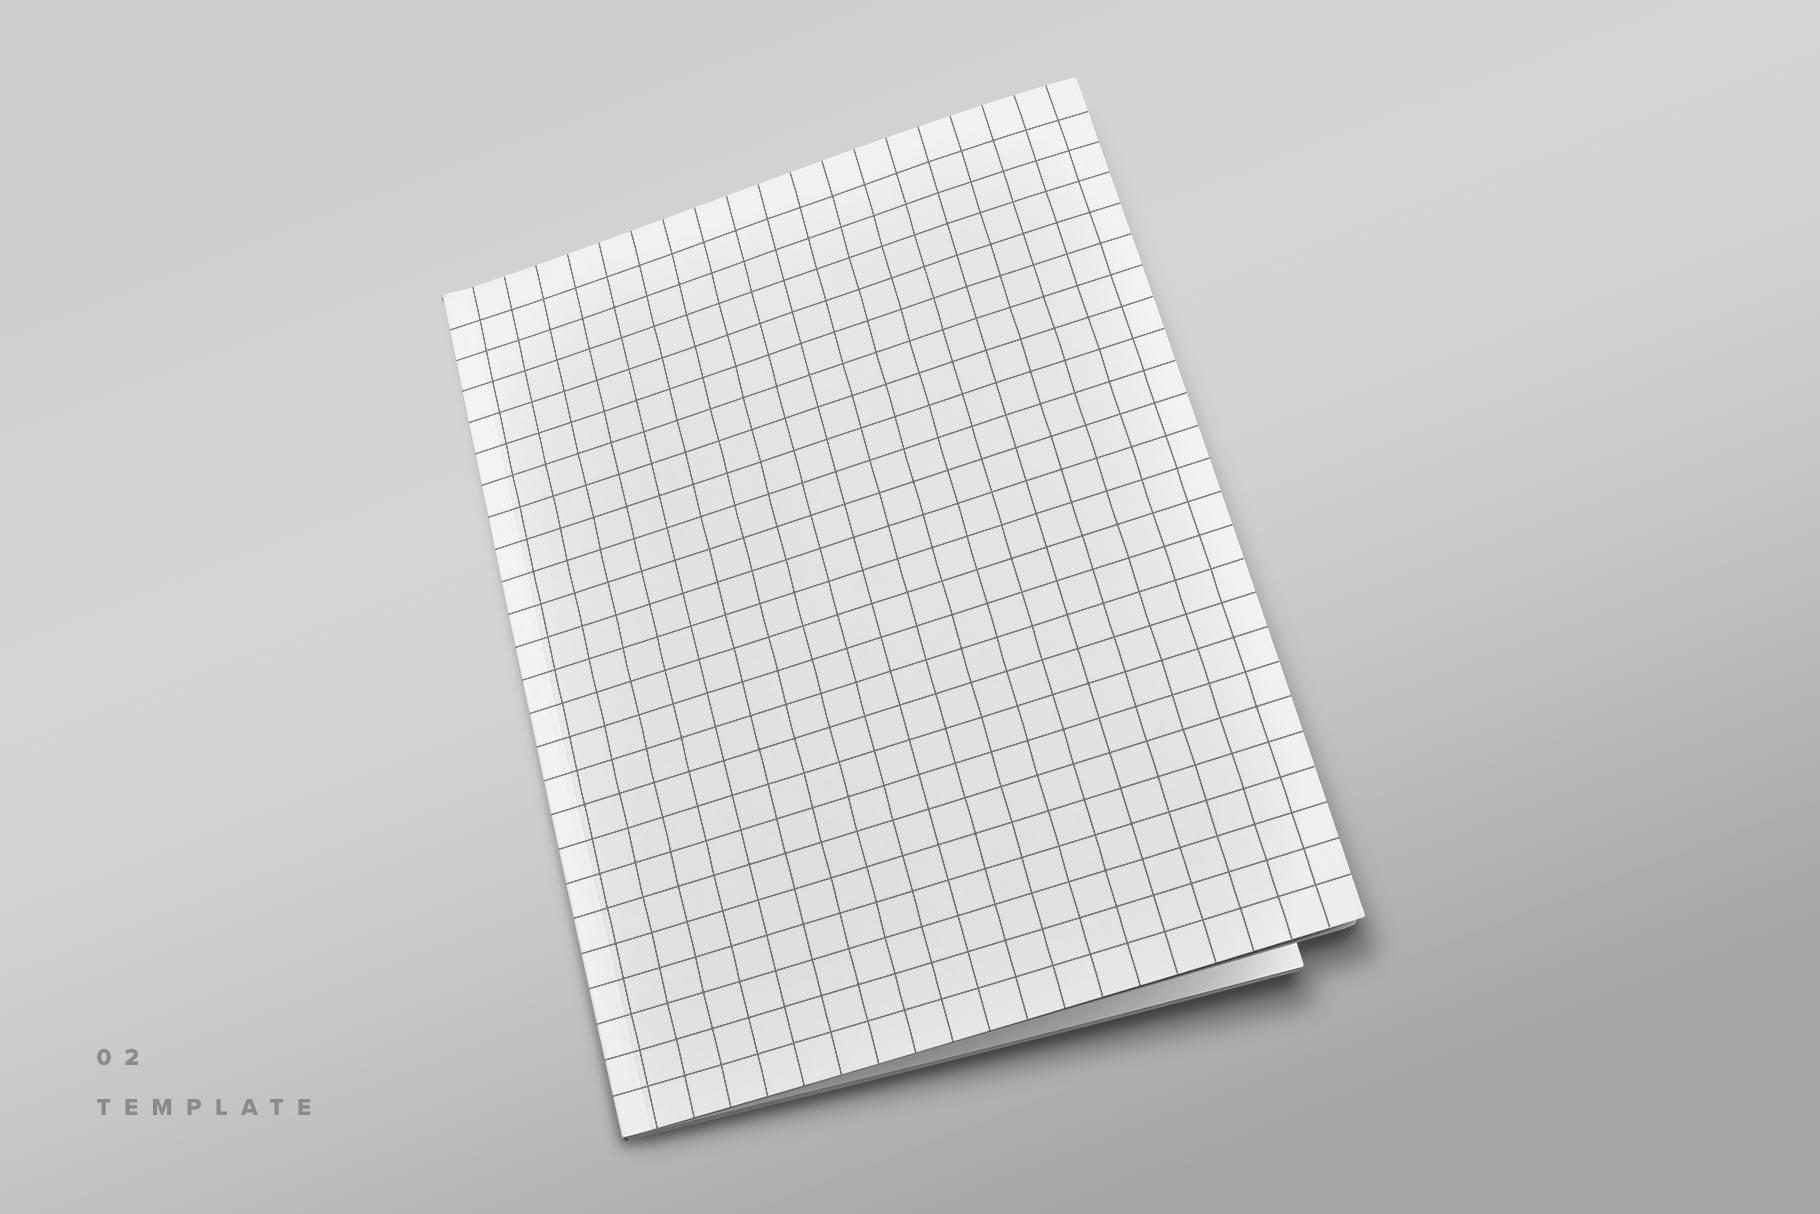 精美杂志画册设计展示样机模板 Magazine Cover Mockup Set插图(7)